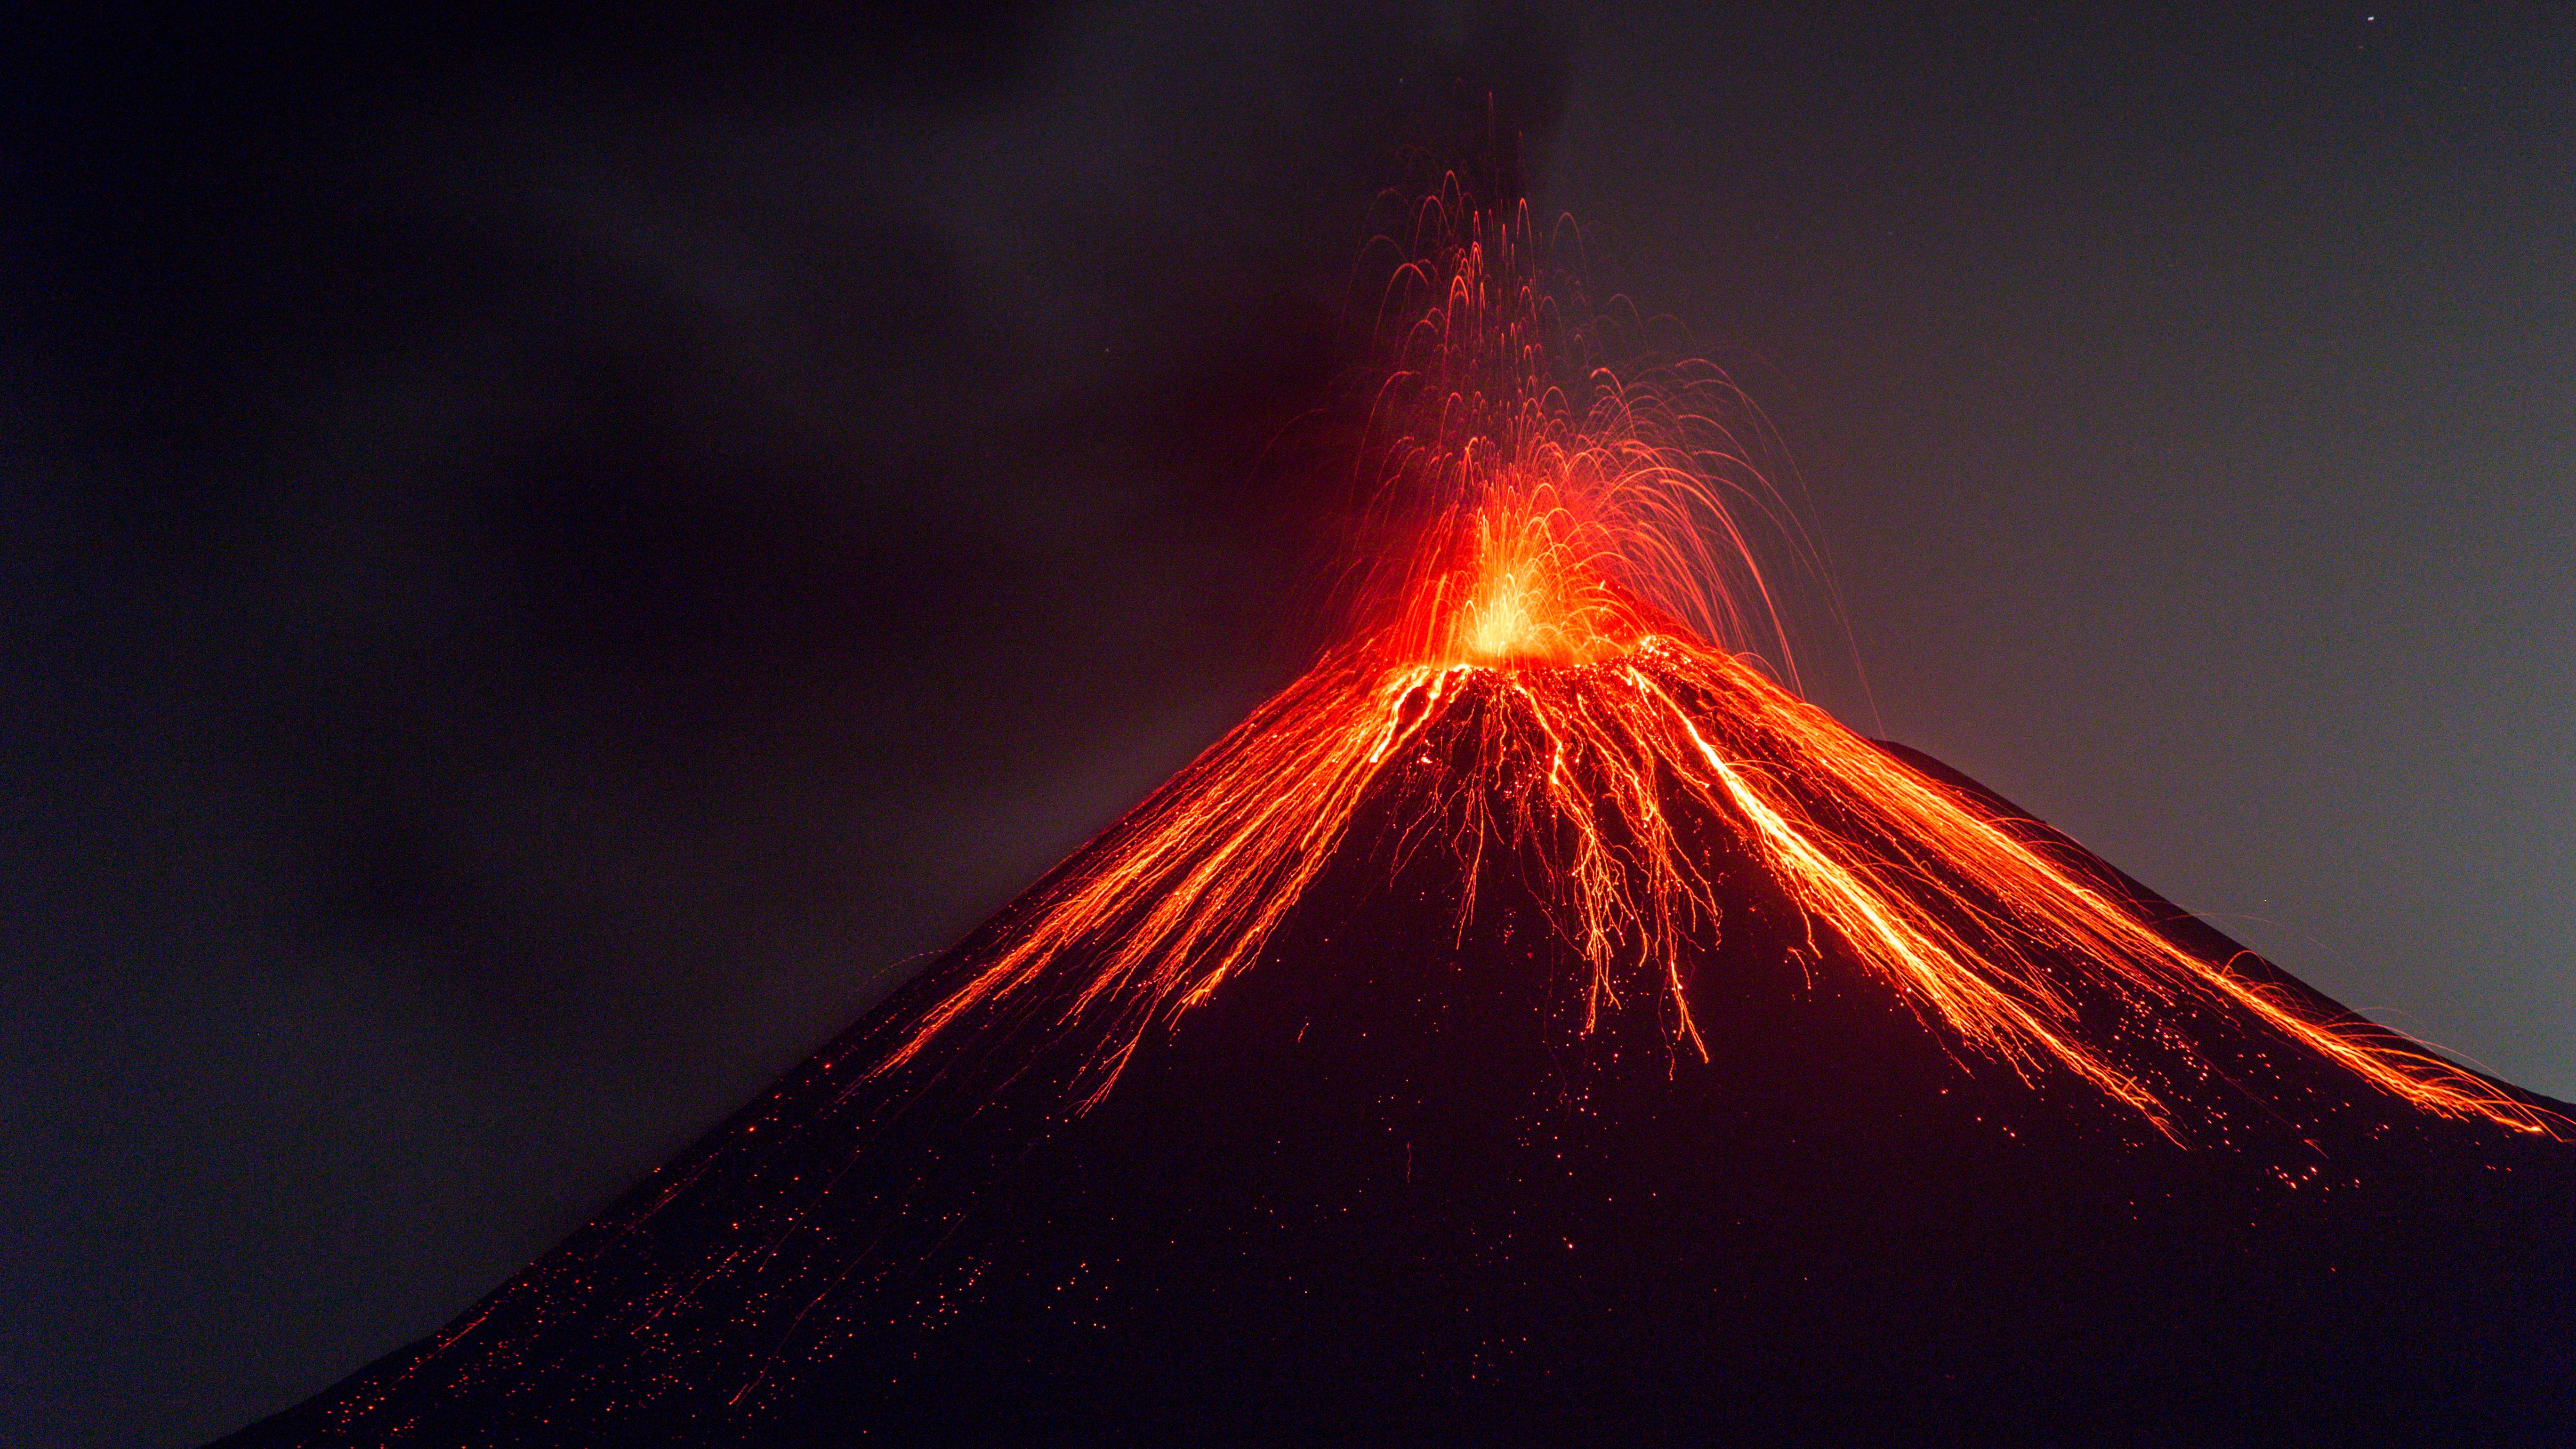 Anak Krakatoa en erupción en julio de 2018